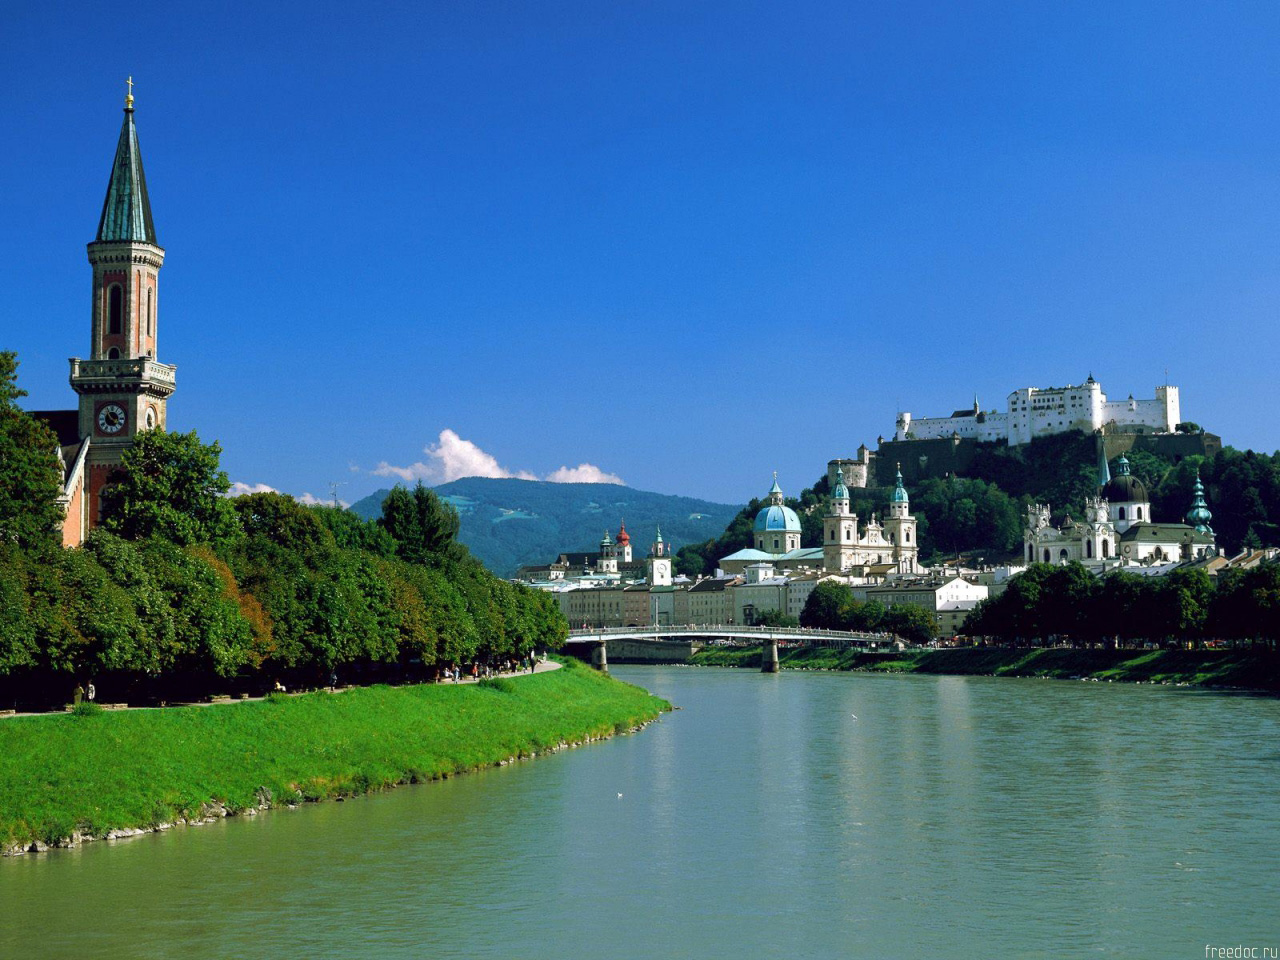 Купить недвижимость в Австрии